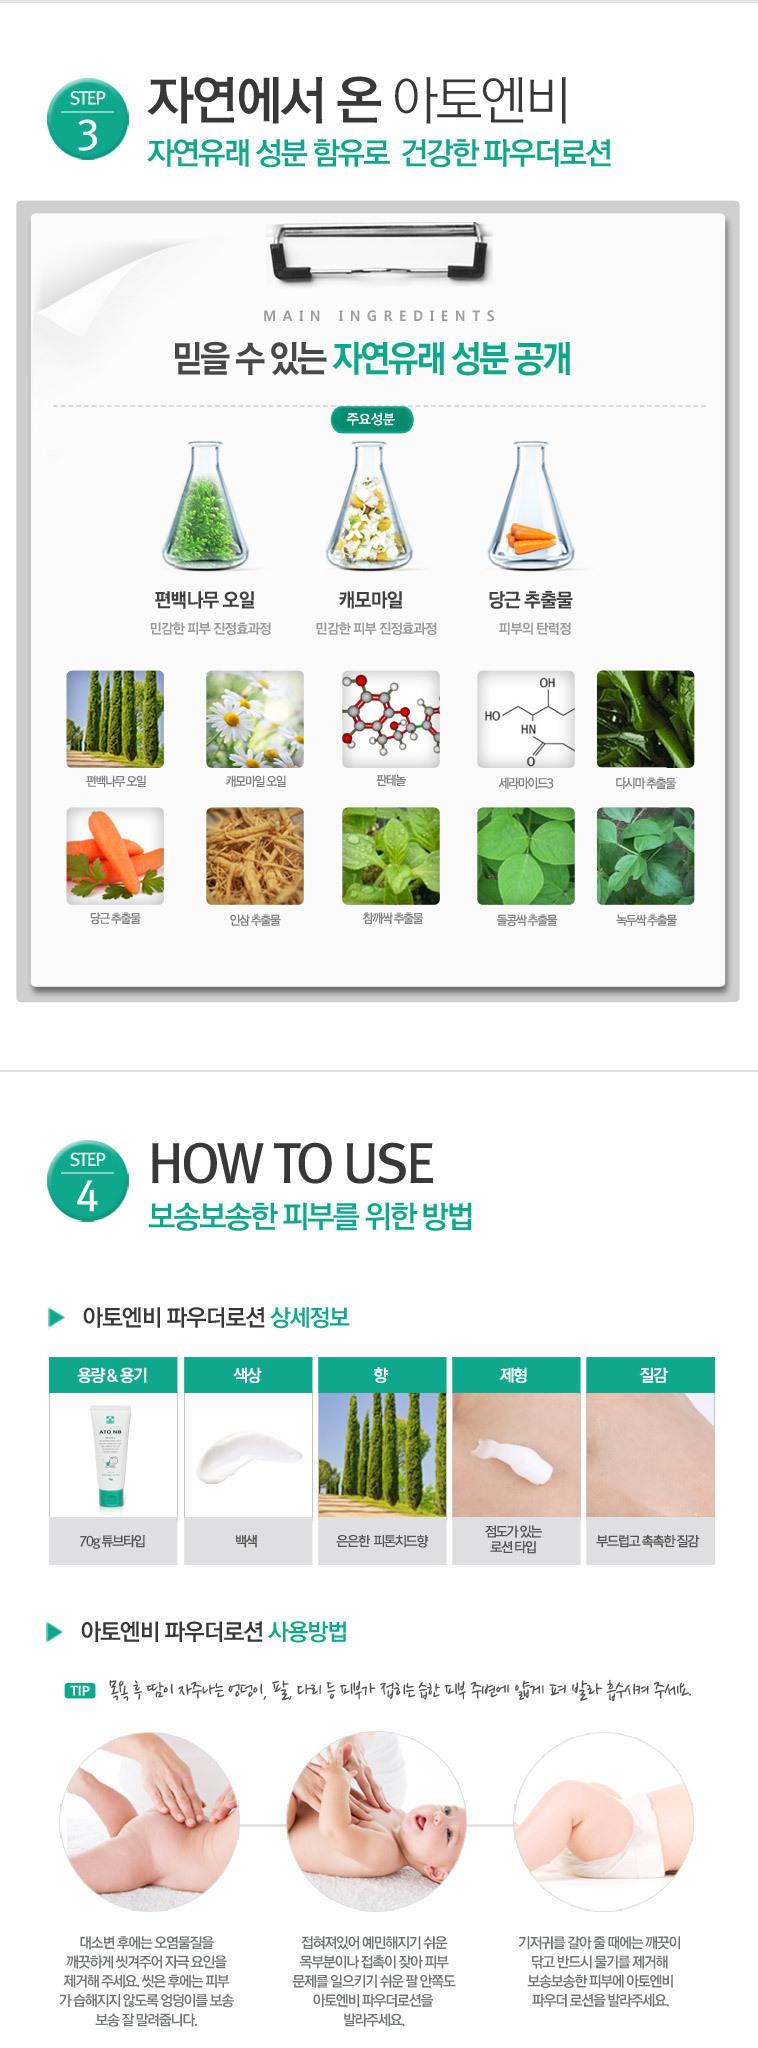 [무료배송] 아토엔비 로션 수딩젤 - 상세정보